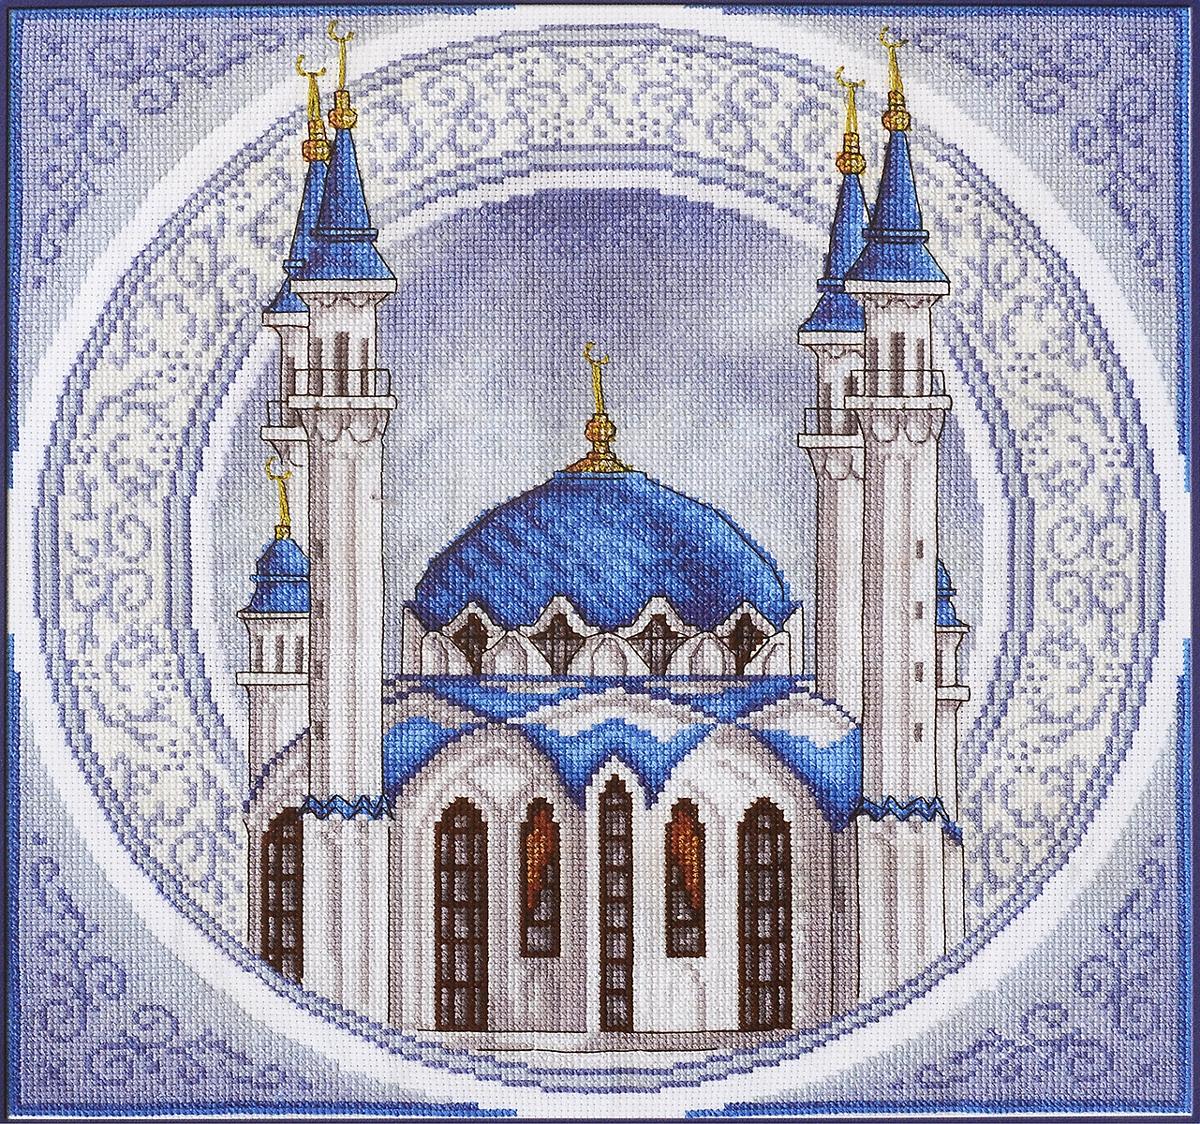 картинки мечети для вышивания крестиком